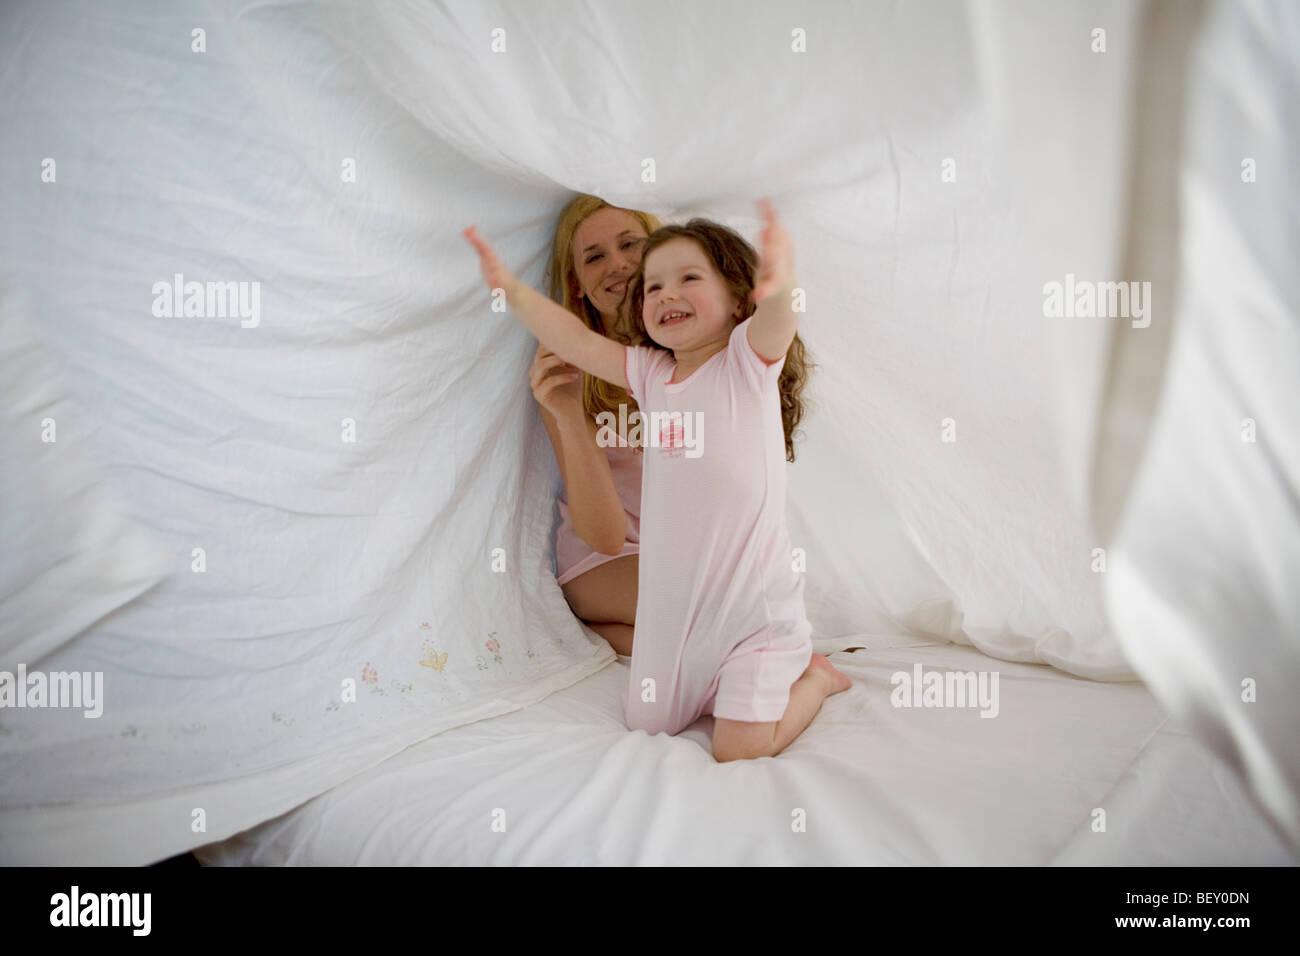 Madre e figlia giocando con il foglio Immagini Stock